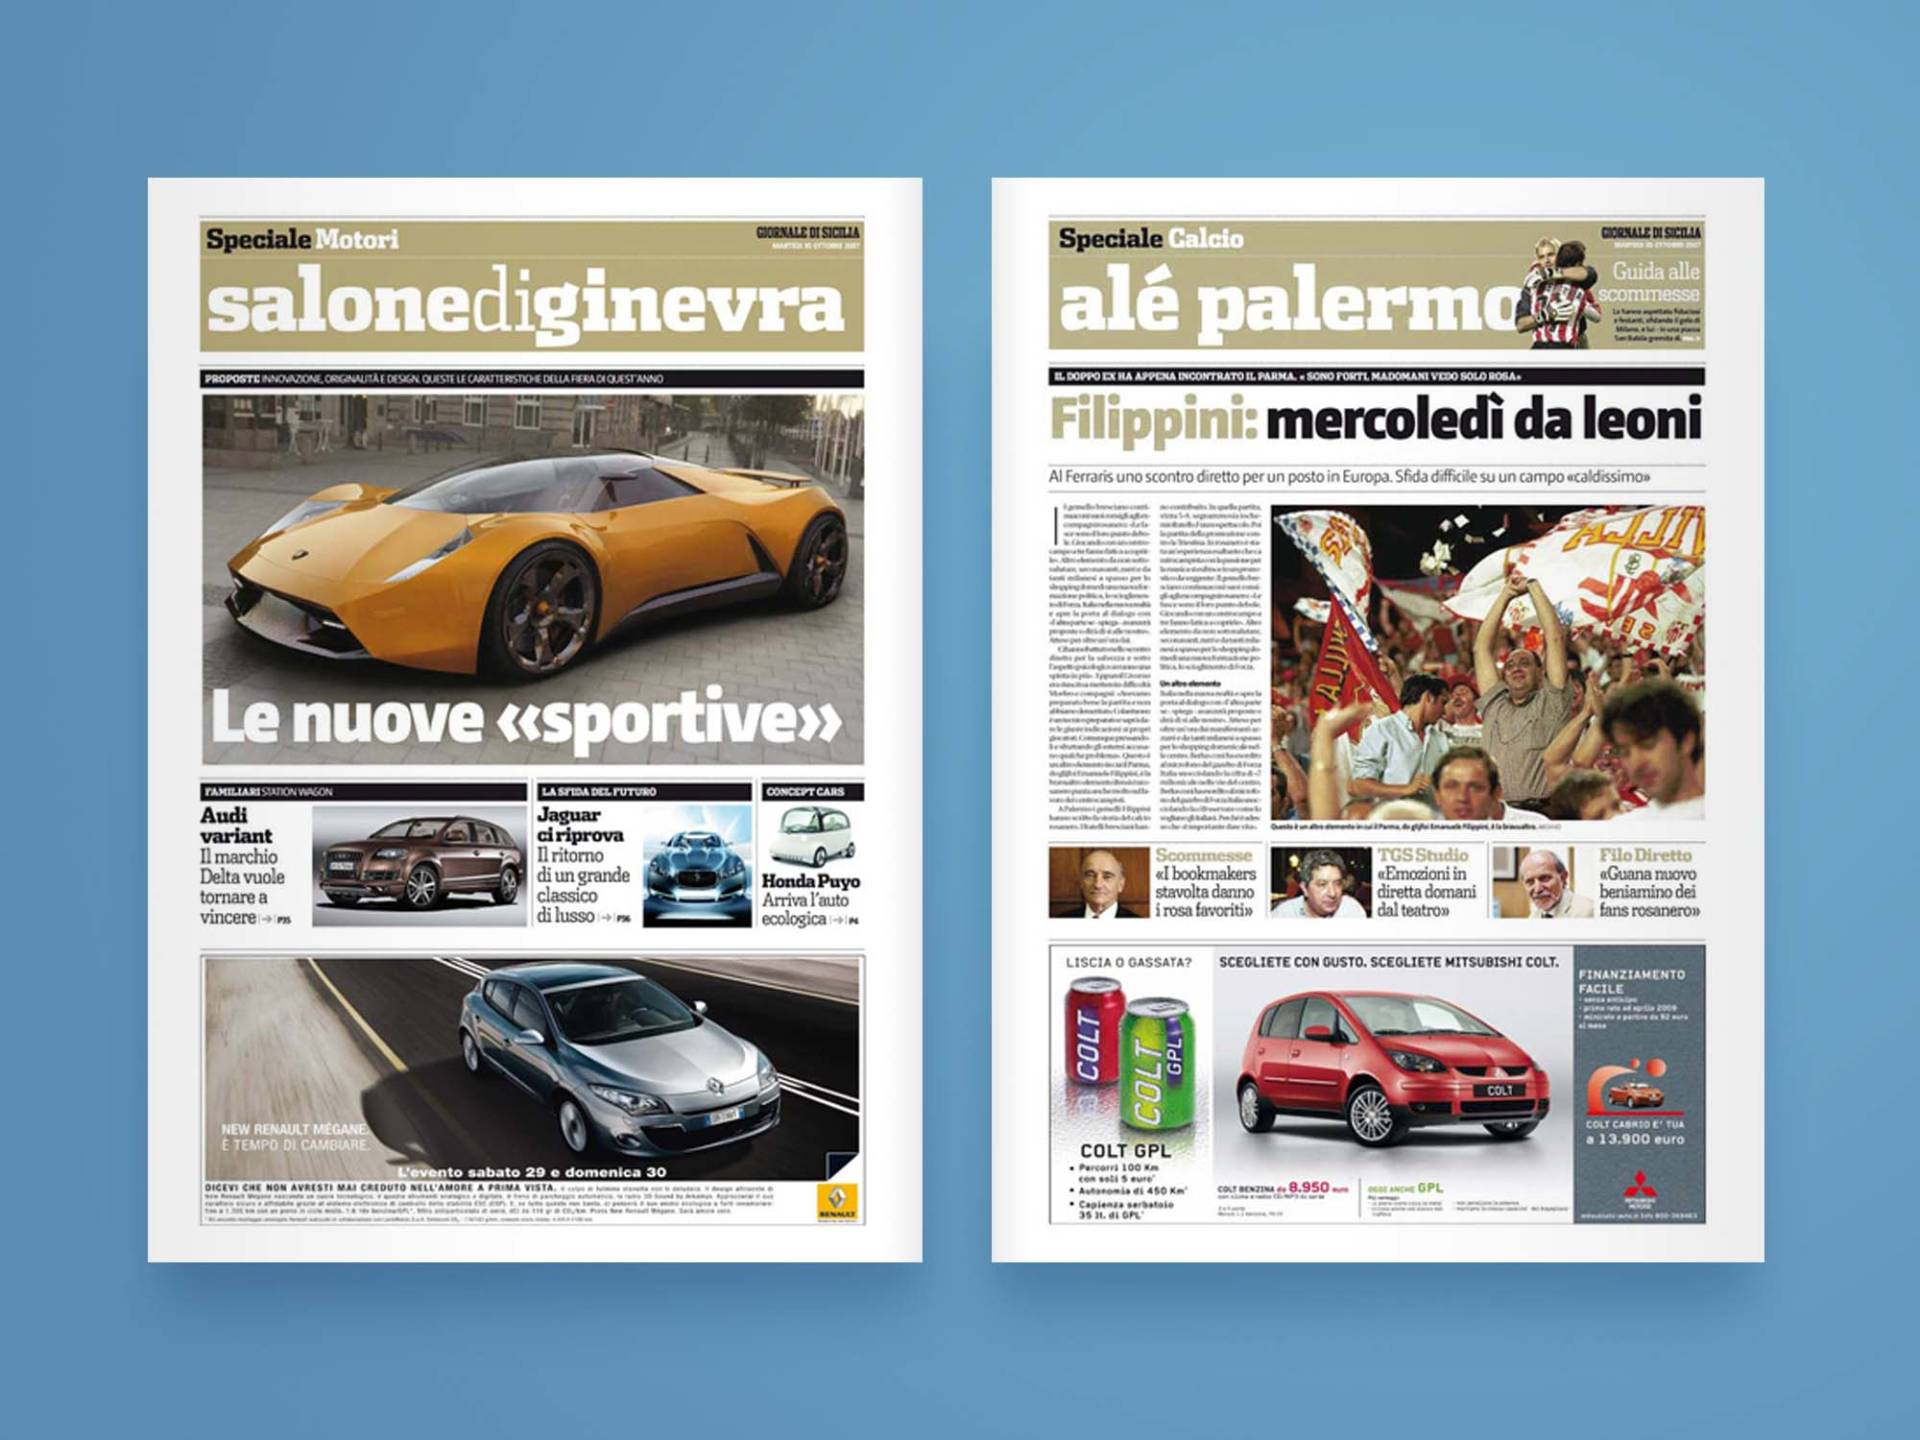 Giornale_di_Sicilia_Supplementi_02_Wenceslau_News_Design